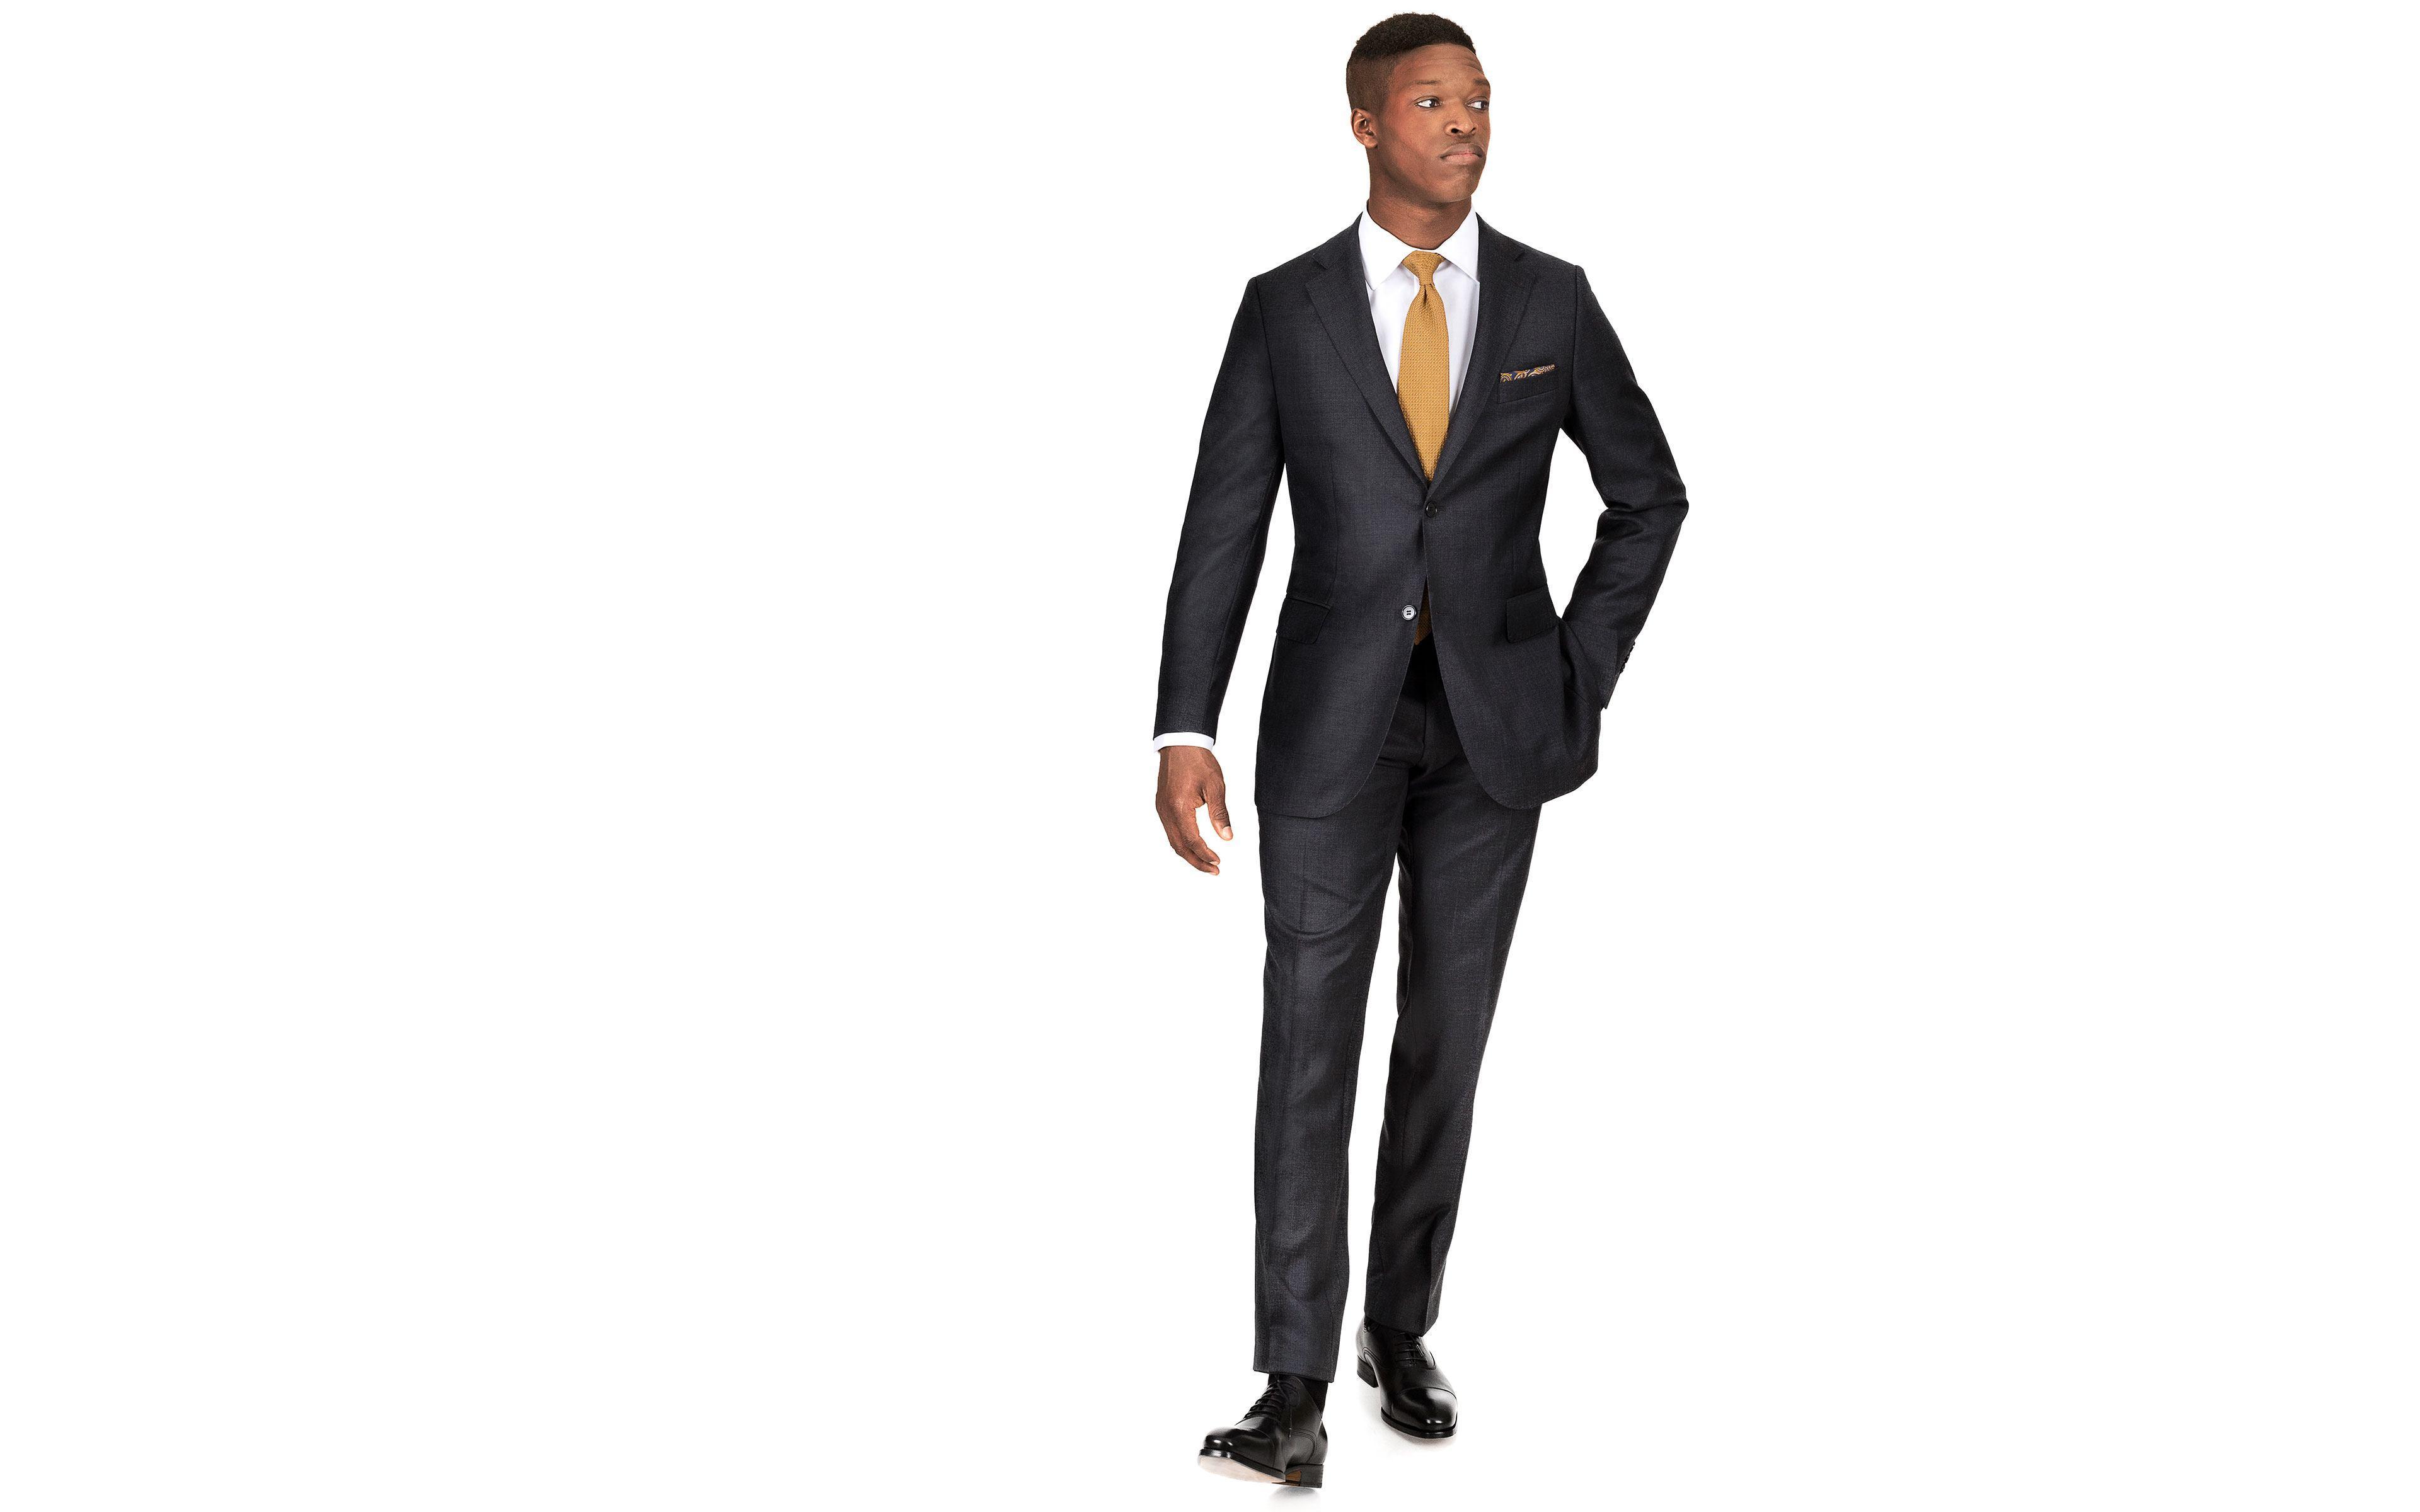 91adb81f3426 Suit in Charcoal Pick & Pick Wool